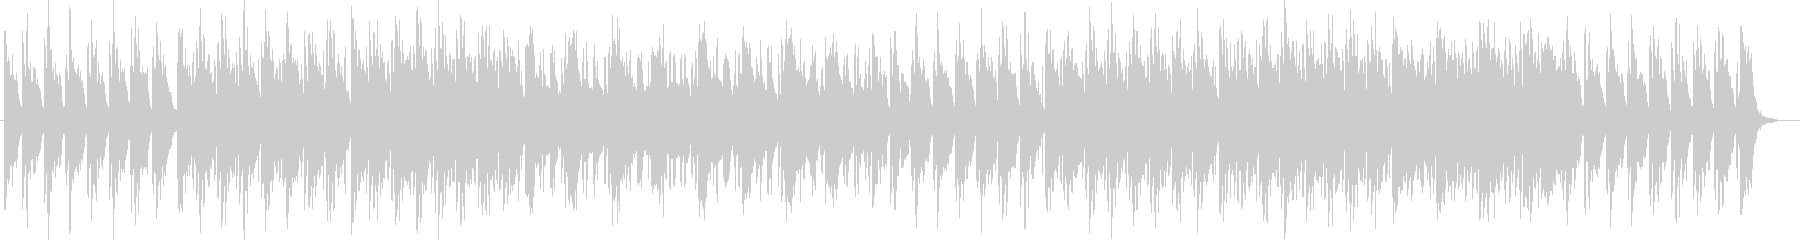 透明感のあるシンセサイザーサウンドの未再生の波形